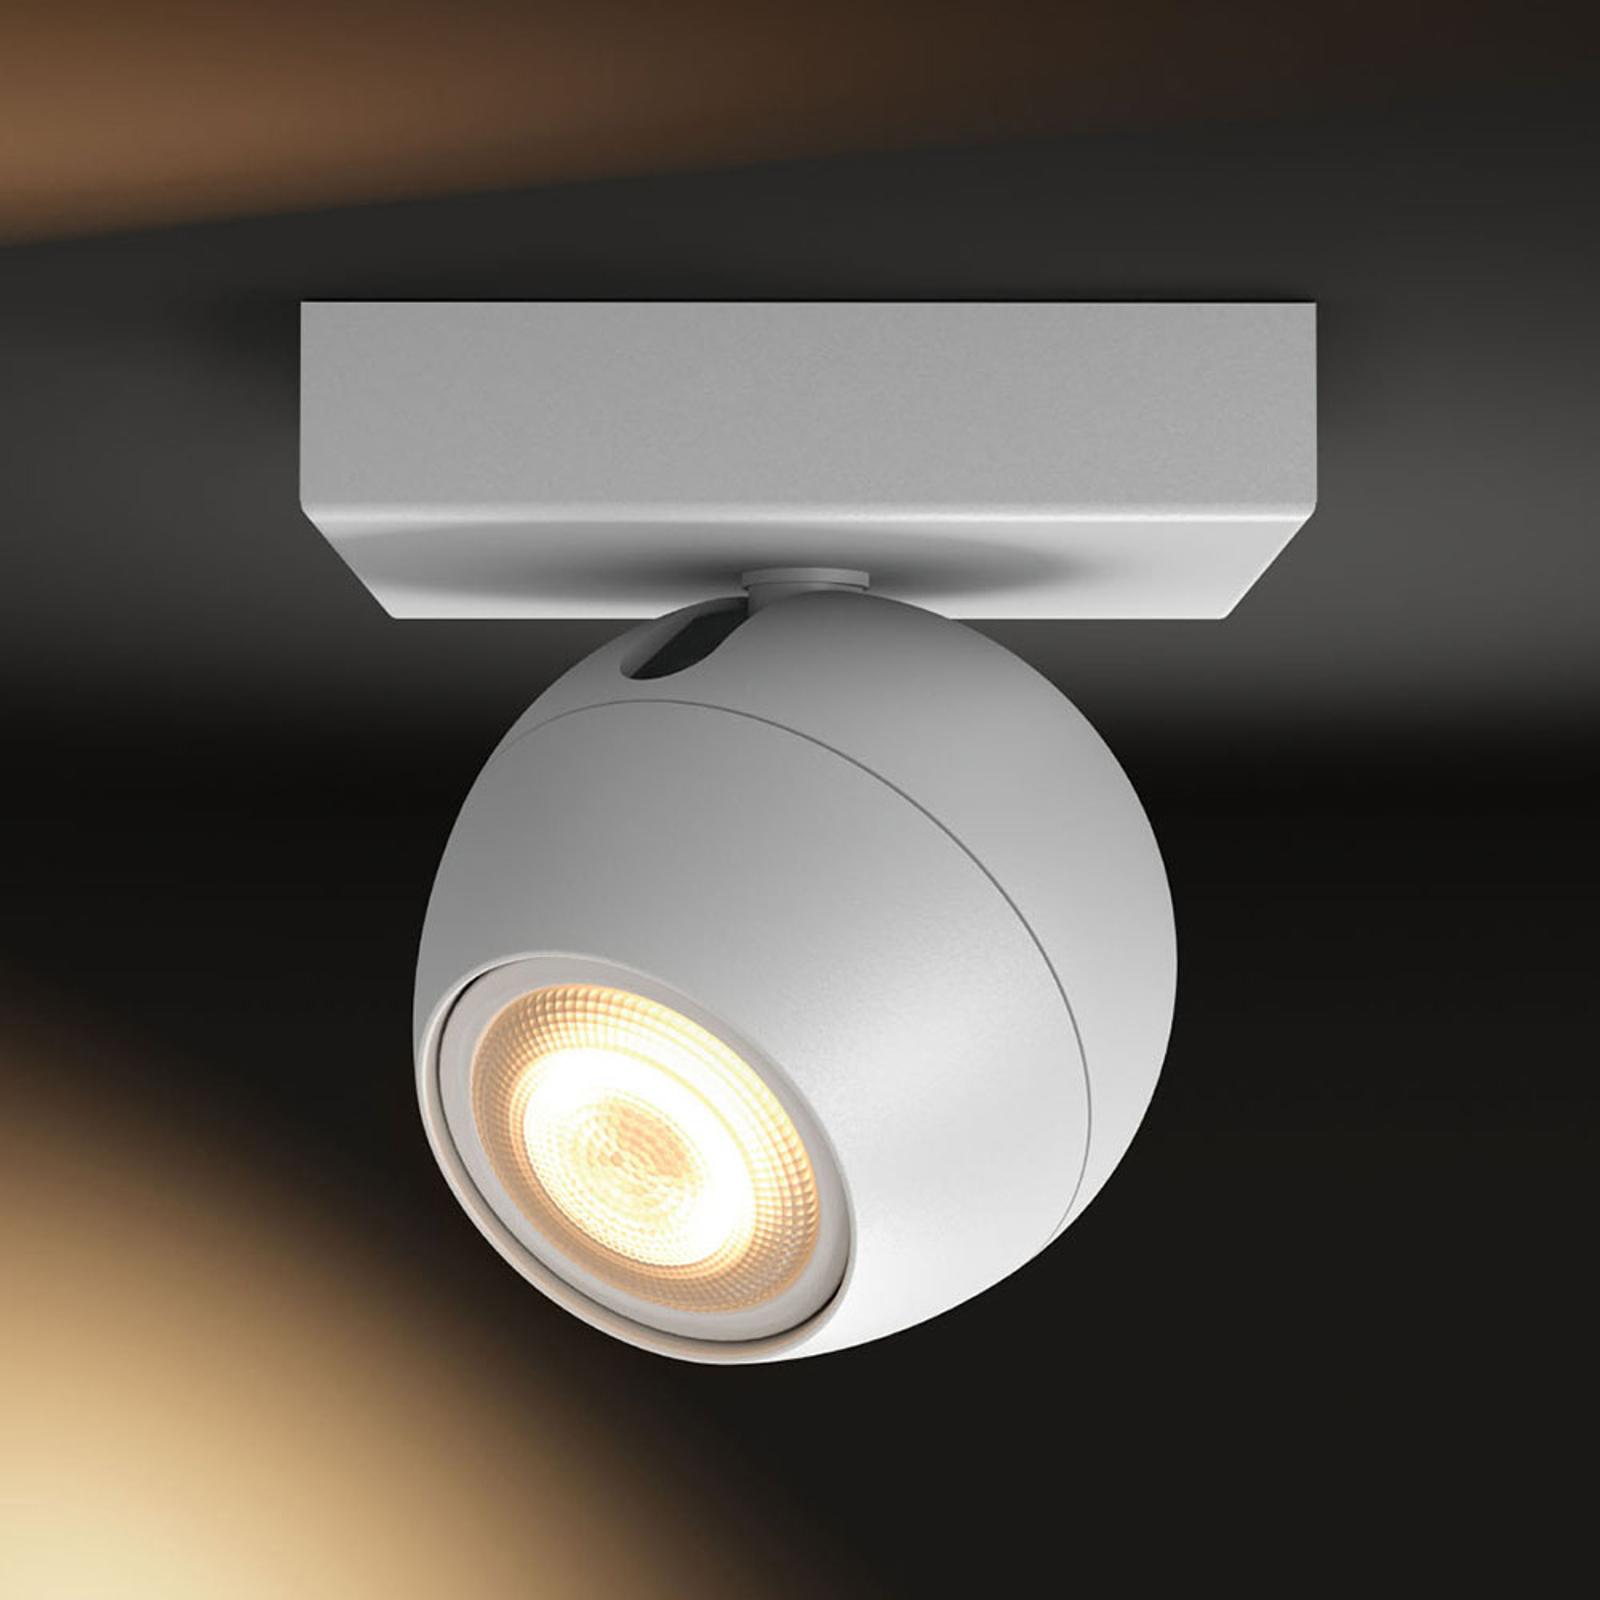 Philips Hue Buckram LED-Spot in Weiß Erweiterung